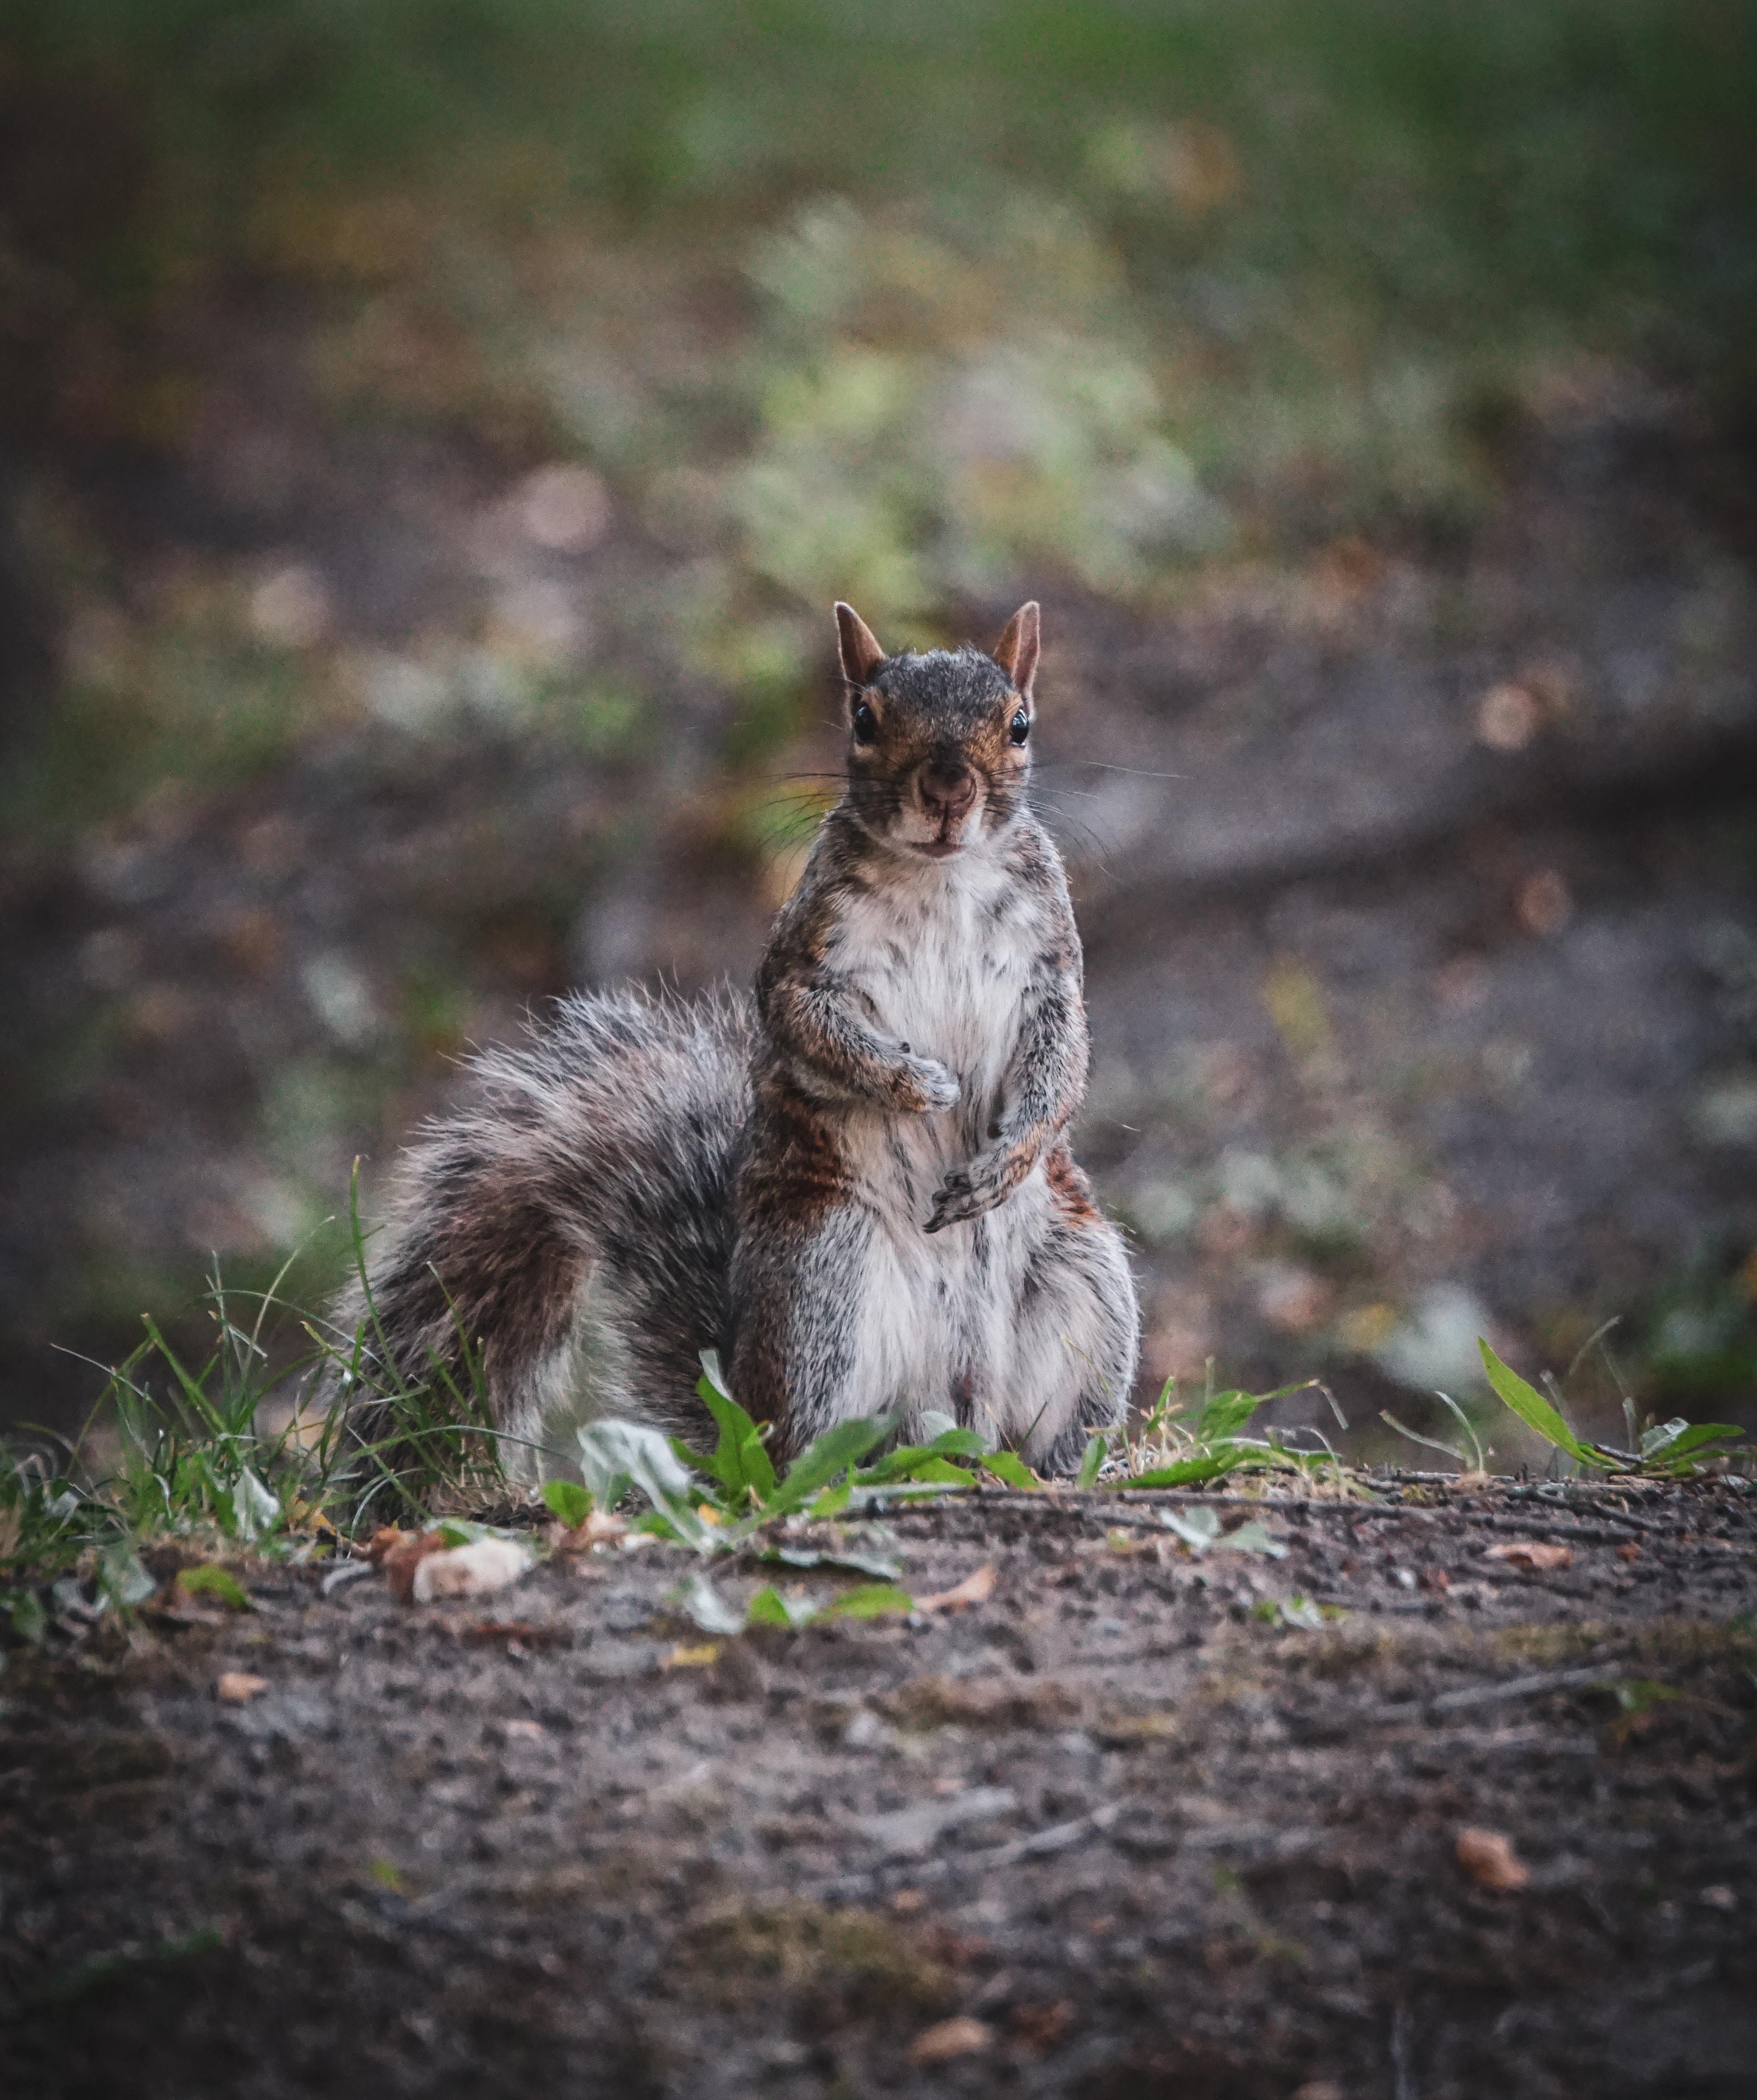 squirrel+removal+cincinnati